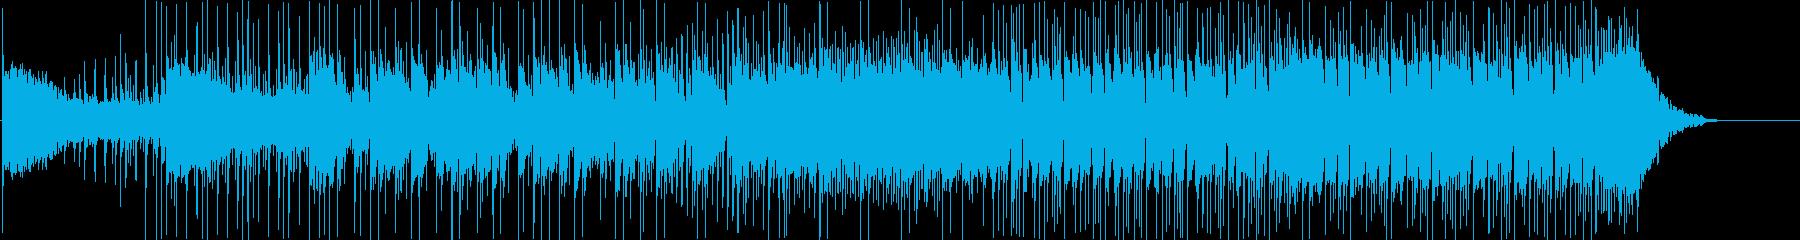 和風、三味線、エレクトロ、緊張感、躍動感の再生済みの波形